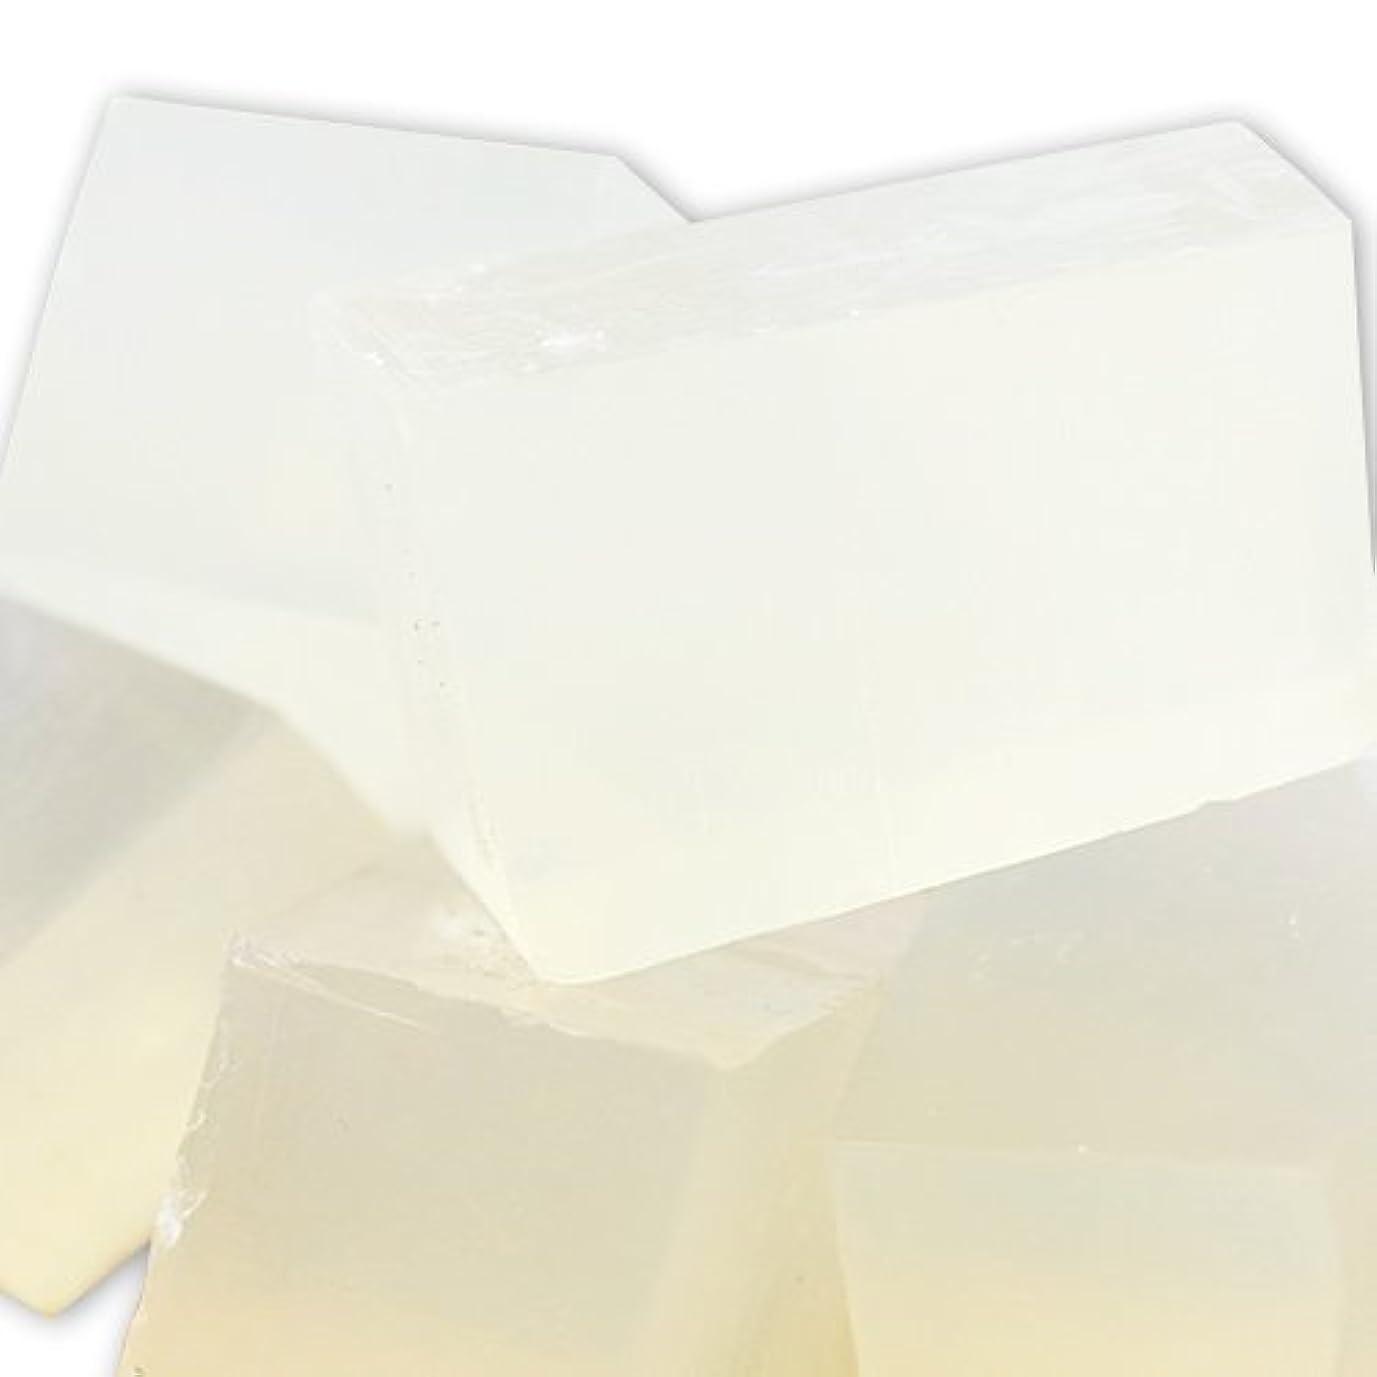 コメンテータースカーフクラスMPソープ [グリセリンソープ] クリア SLSフリー 1kg 【手作り石鹸/ハンドメイドソープ】